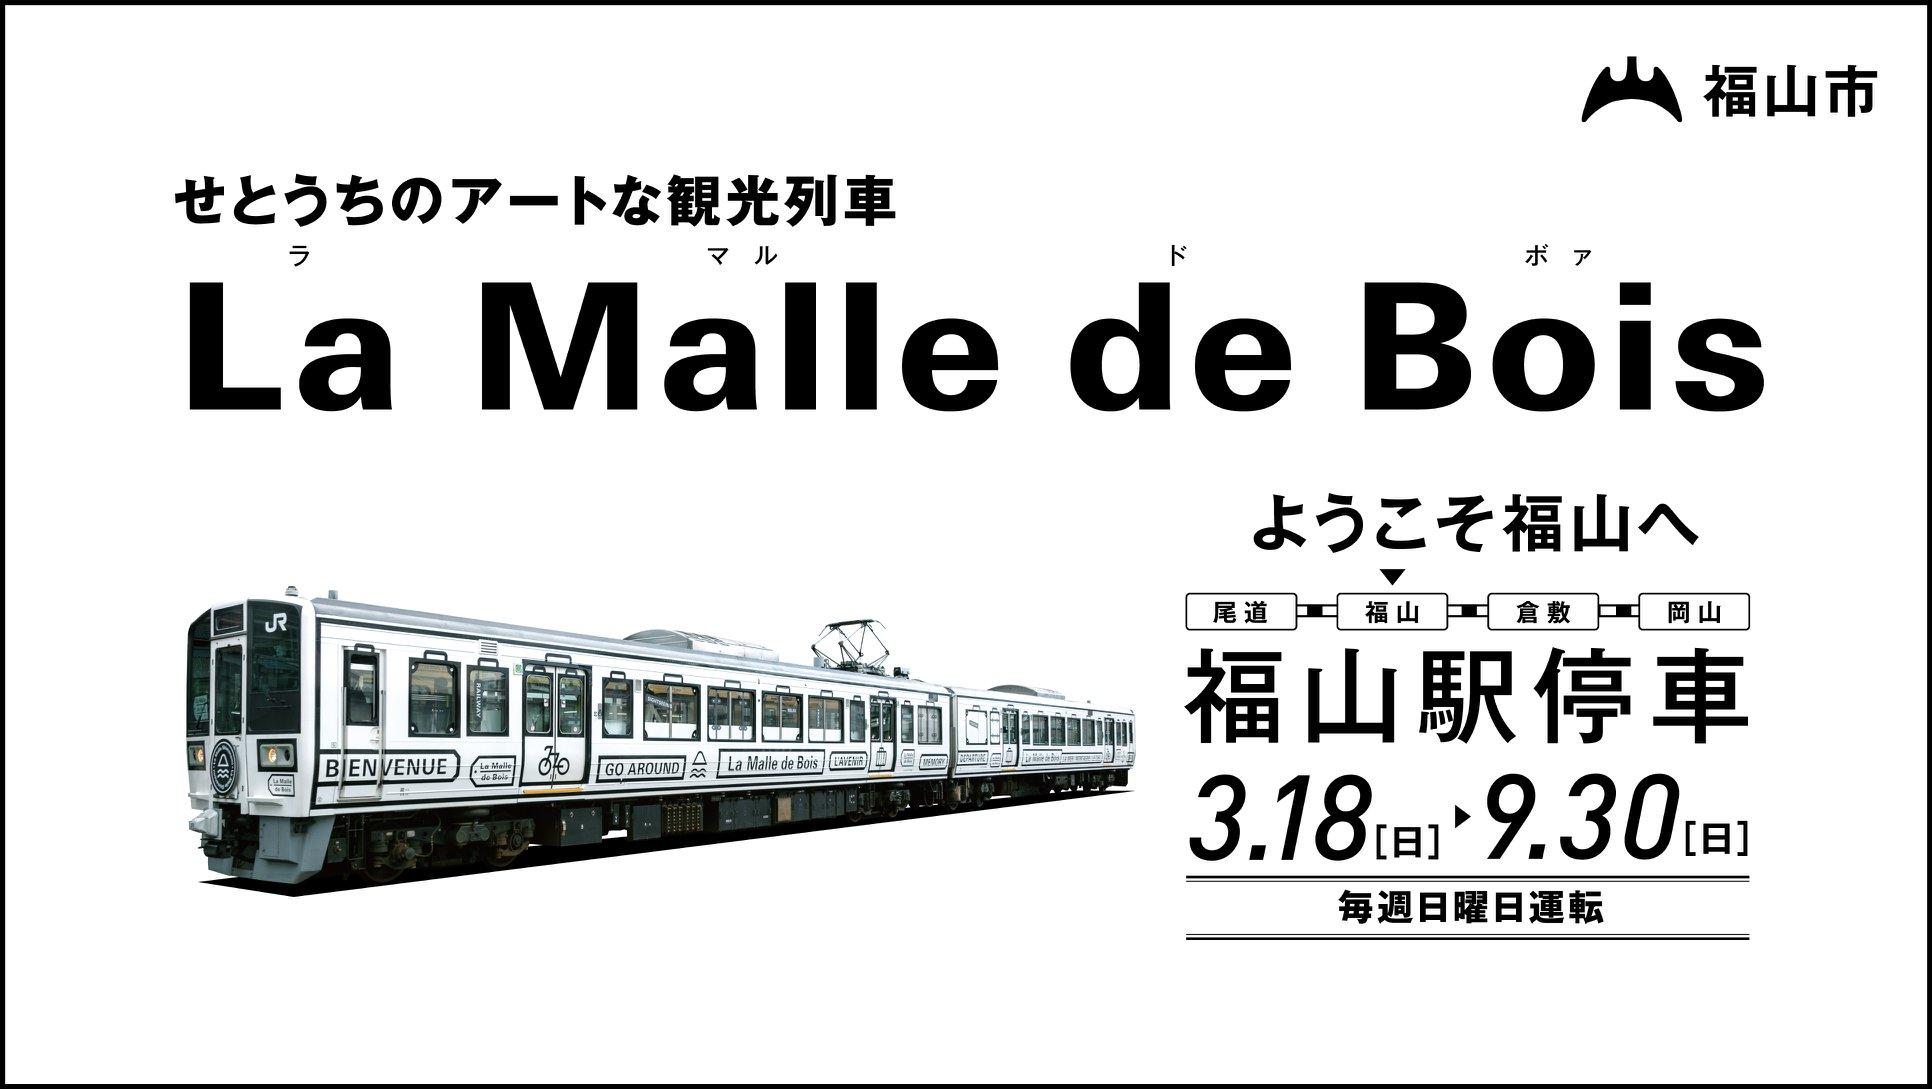 せとうちのアートな観光列車「ラ・マル・ド・ボァ」が毎週日曜日に福山駅に停車